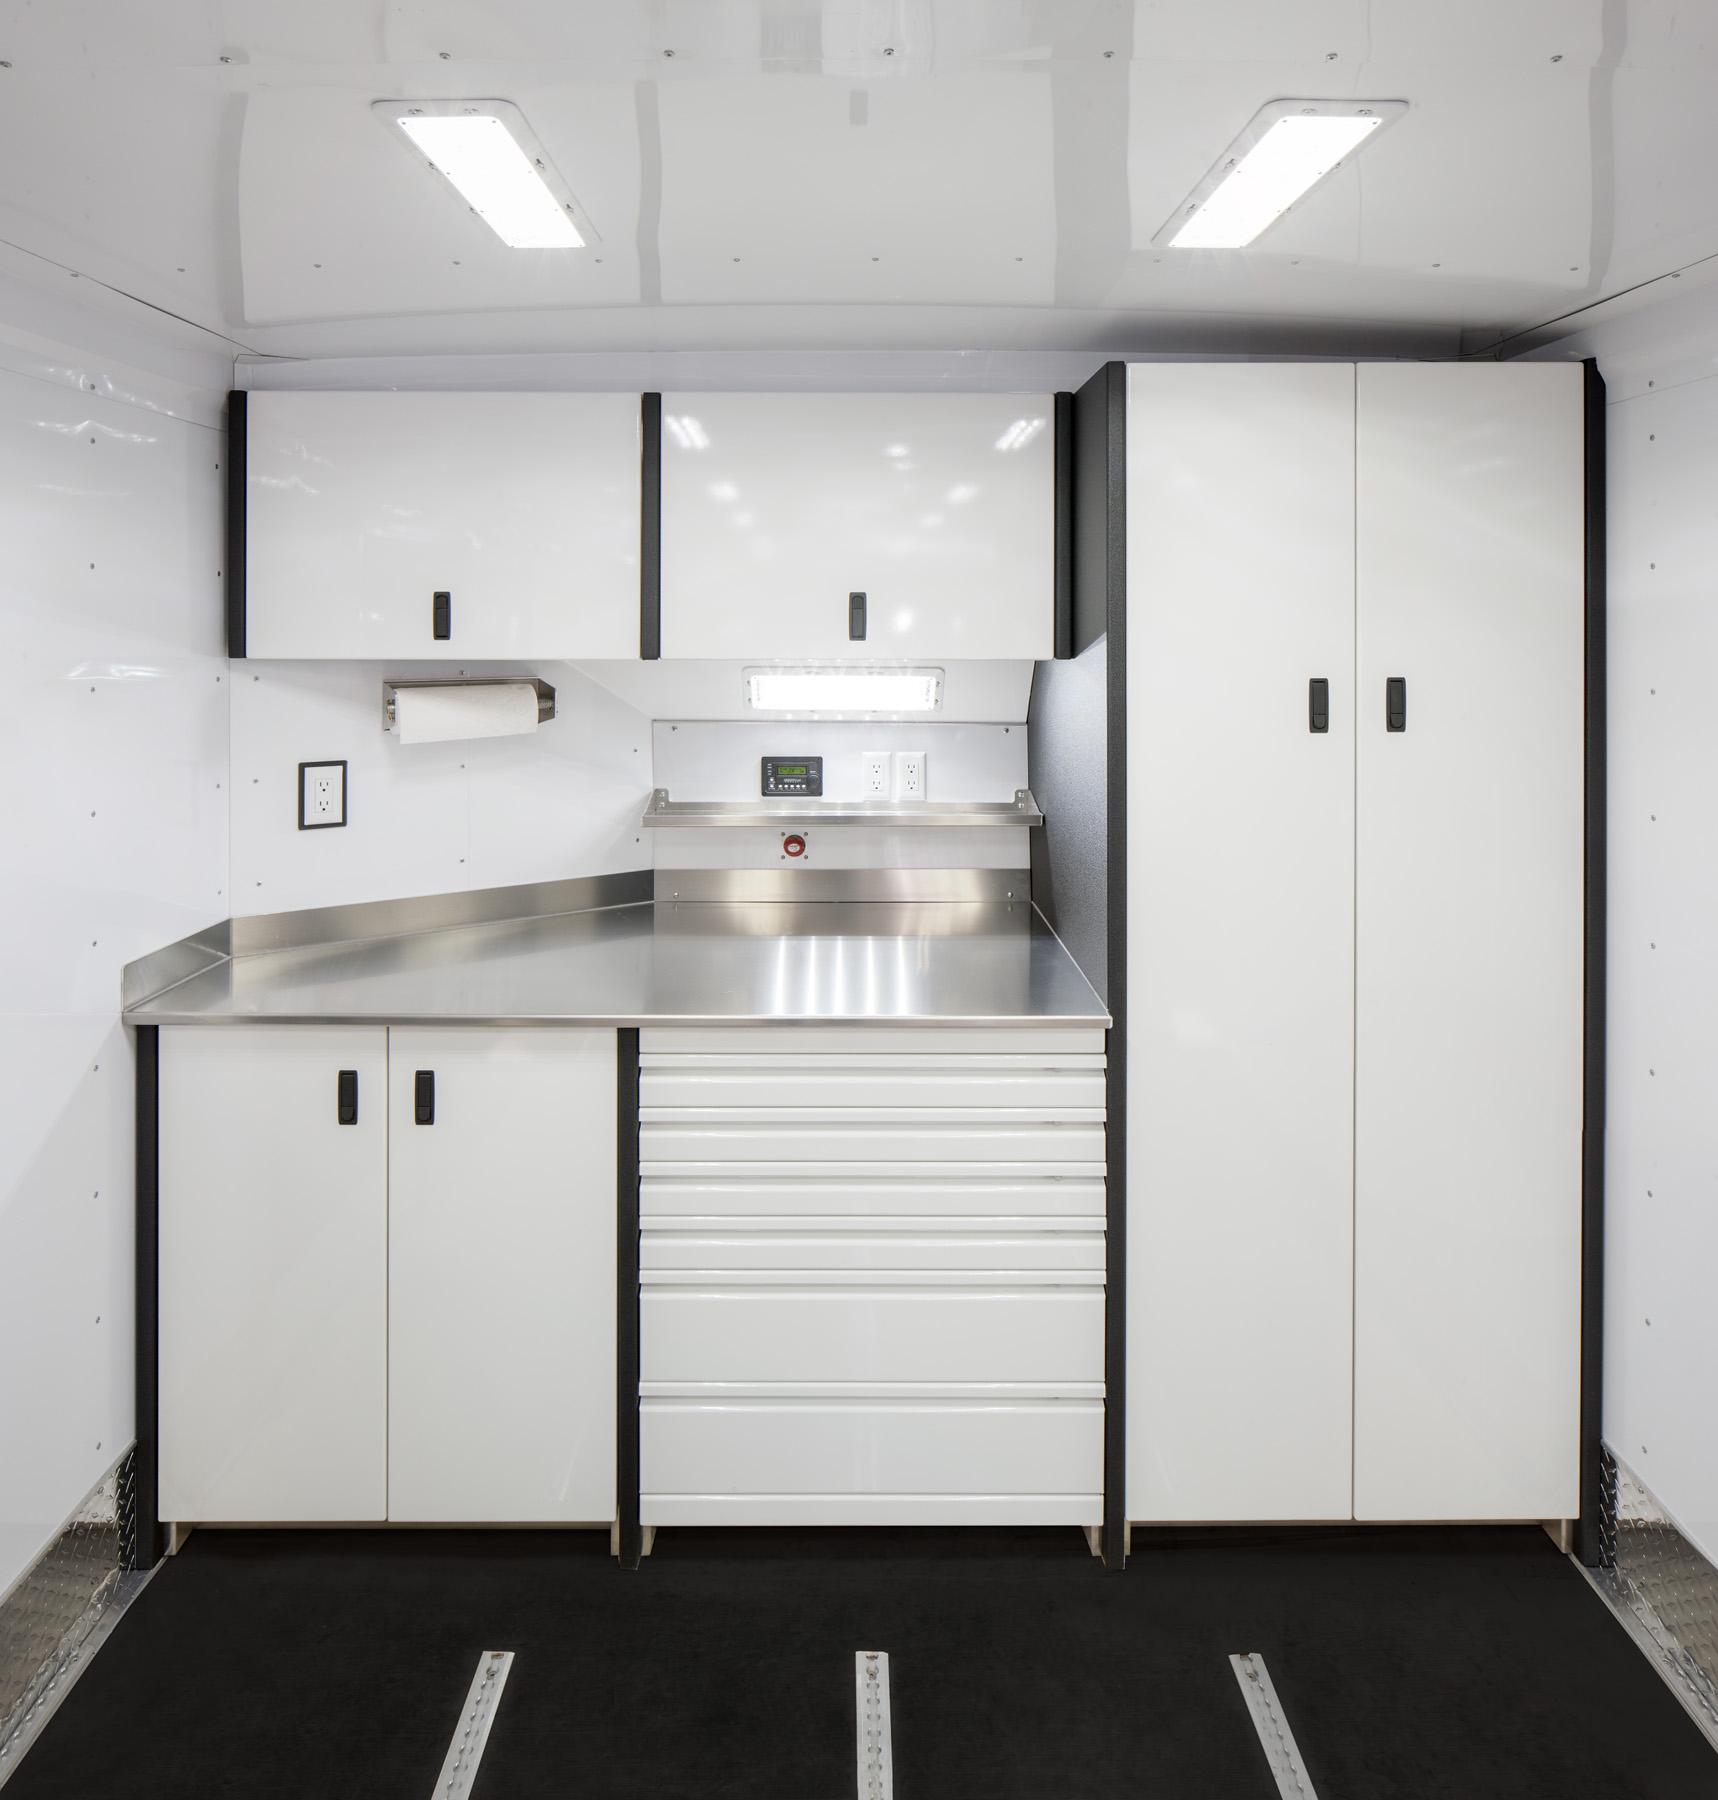 Trailer Aluminum Cabinets